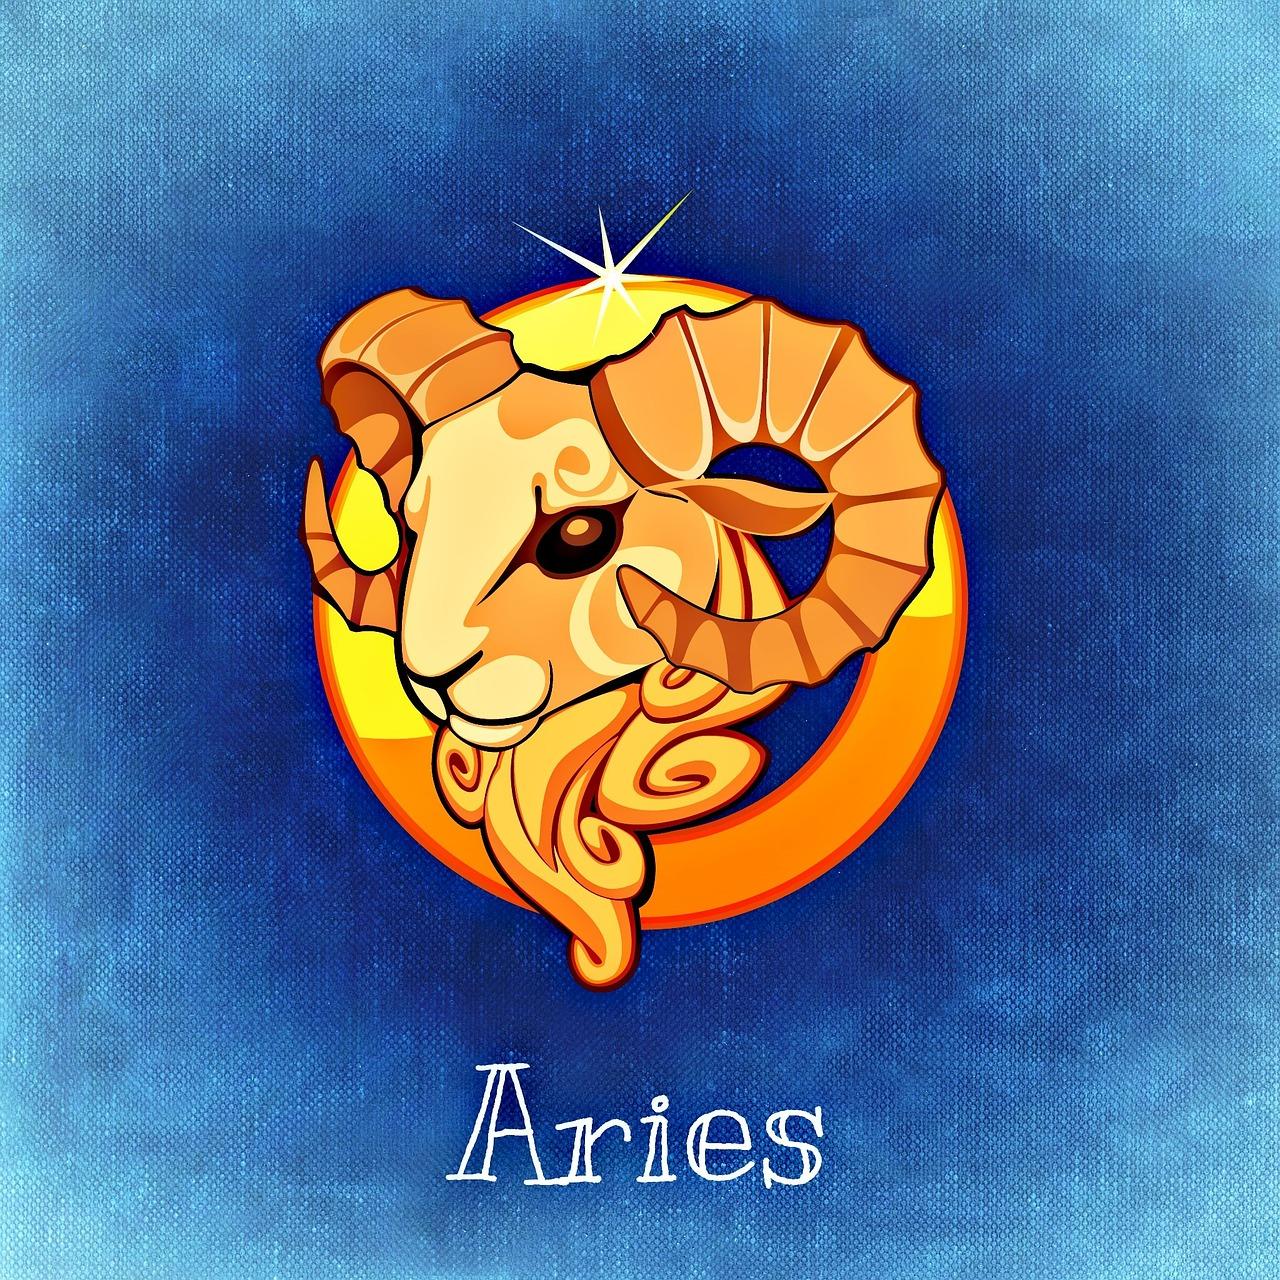 aries-759382_1280.jpg